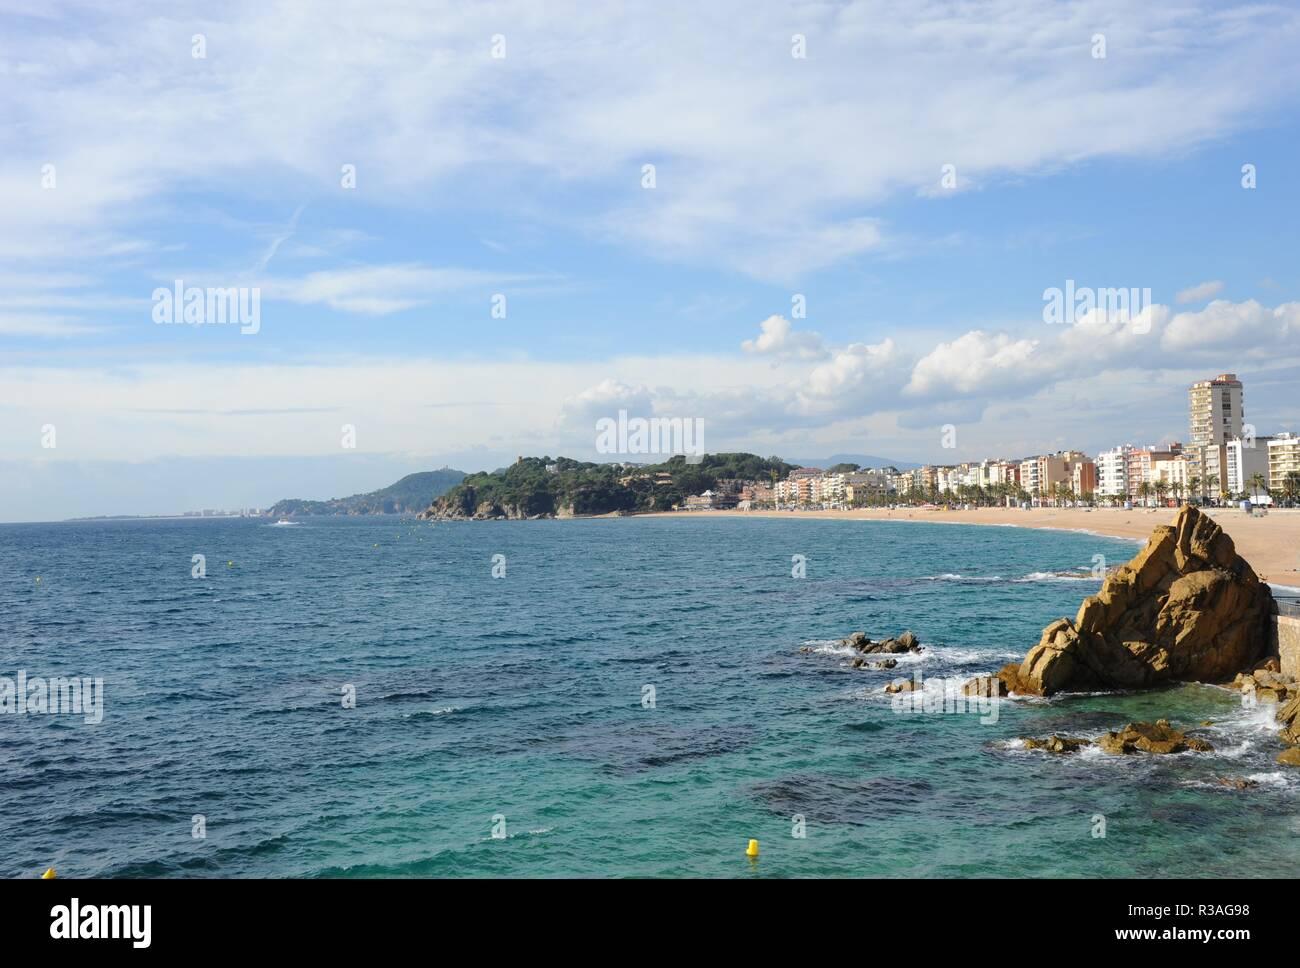 facades,lloret de mar,costa brava,spain,mediterranean sea - Stock Image